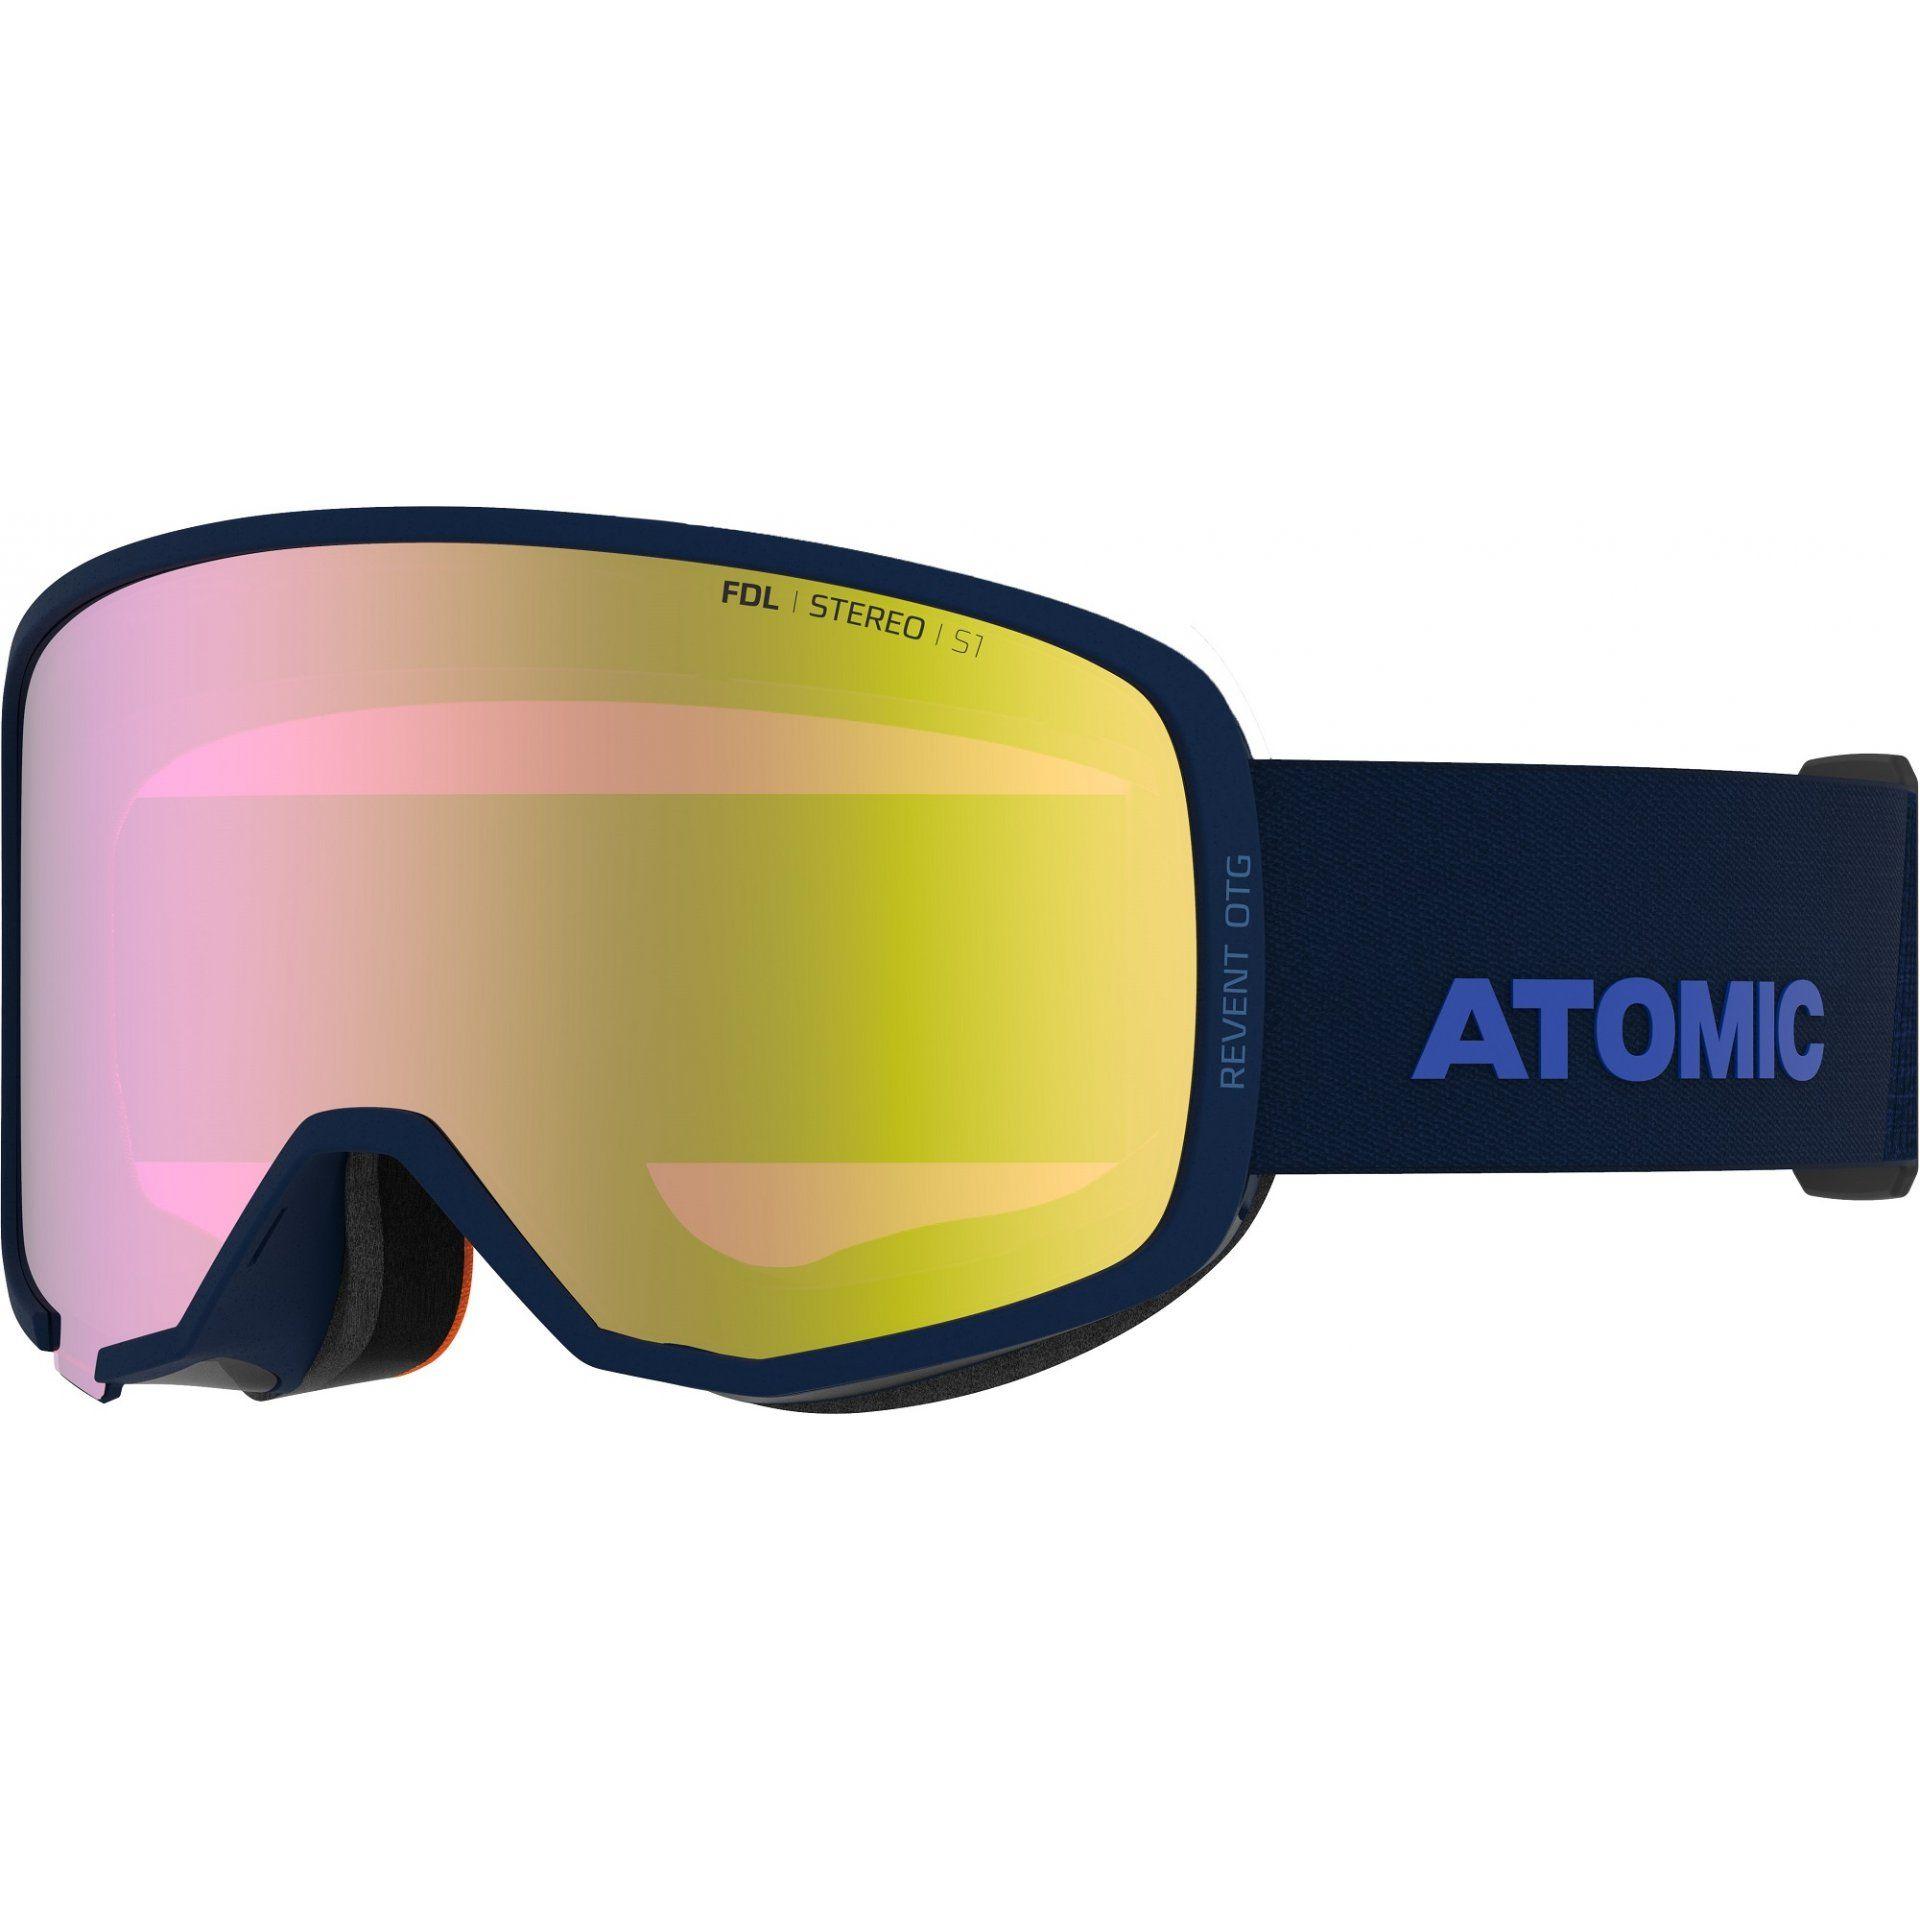 GOGLE ATOMIC REVENT STEREO OTG BLUE AN5106084